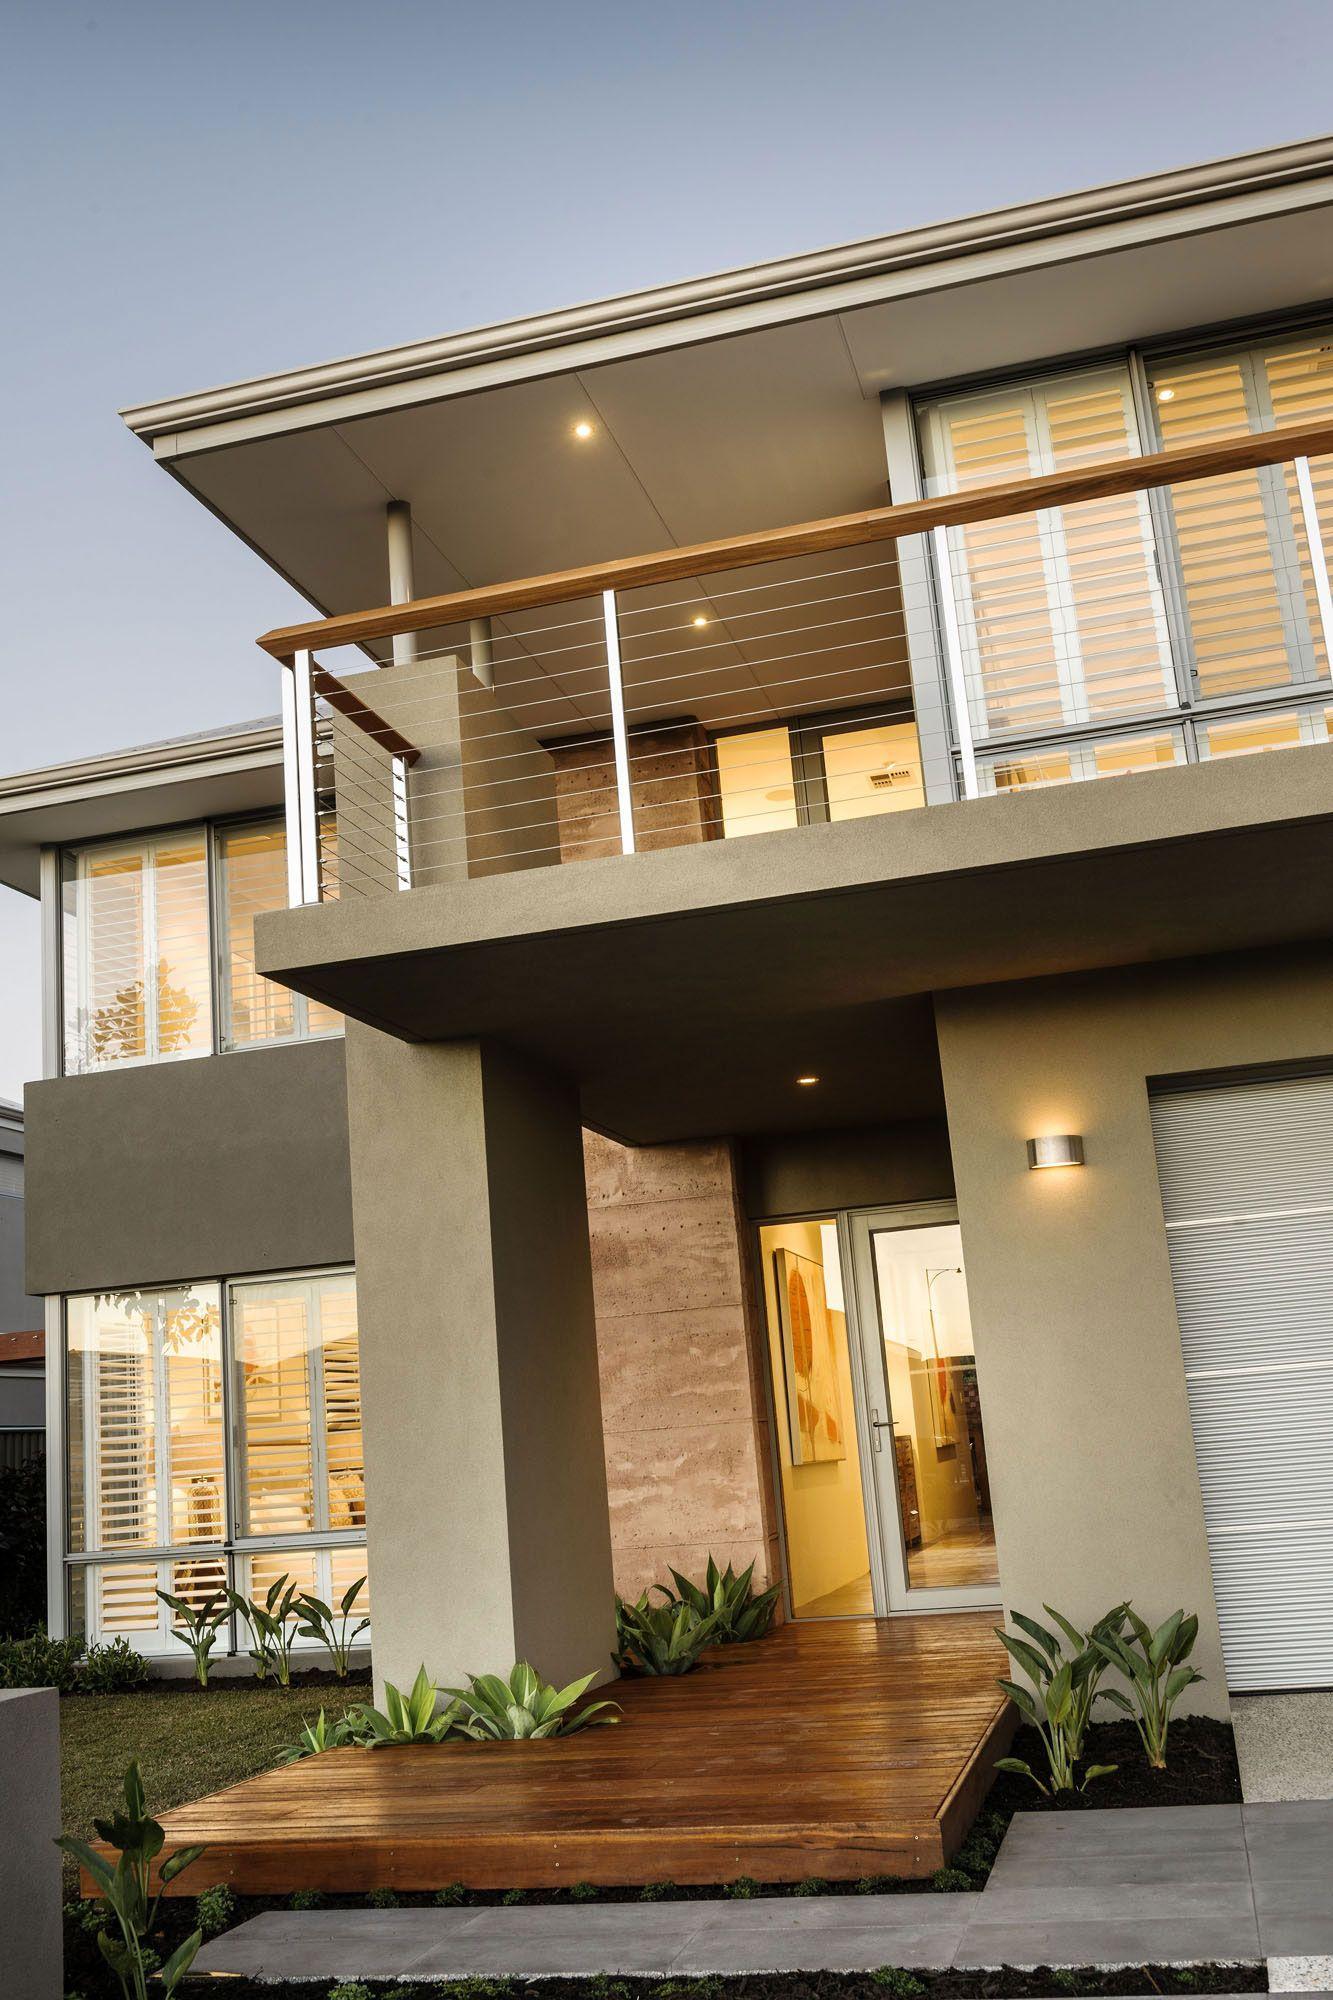 Casa moderna de dos pisos con hermoso dise o de fachada e for Disenos de casas chiquitas y bonitas